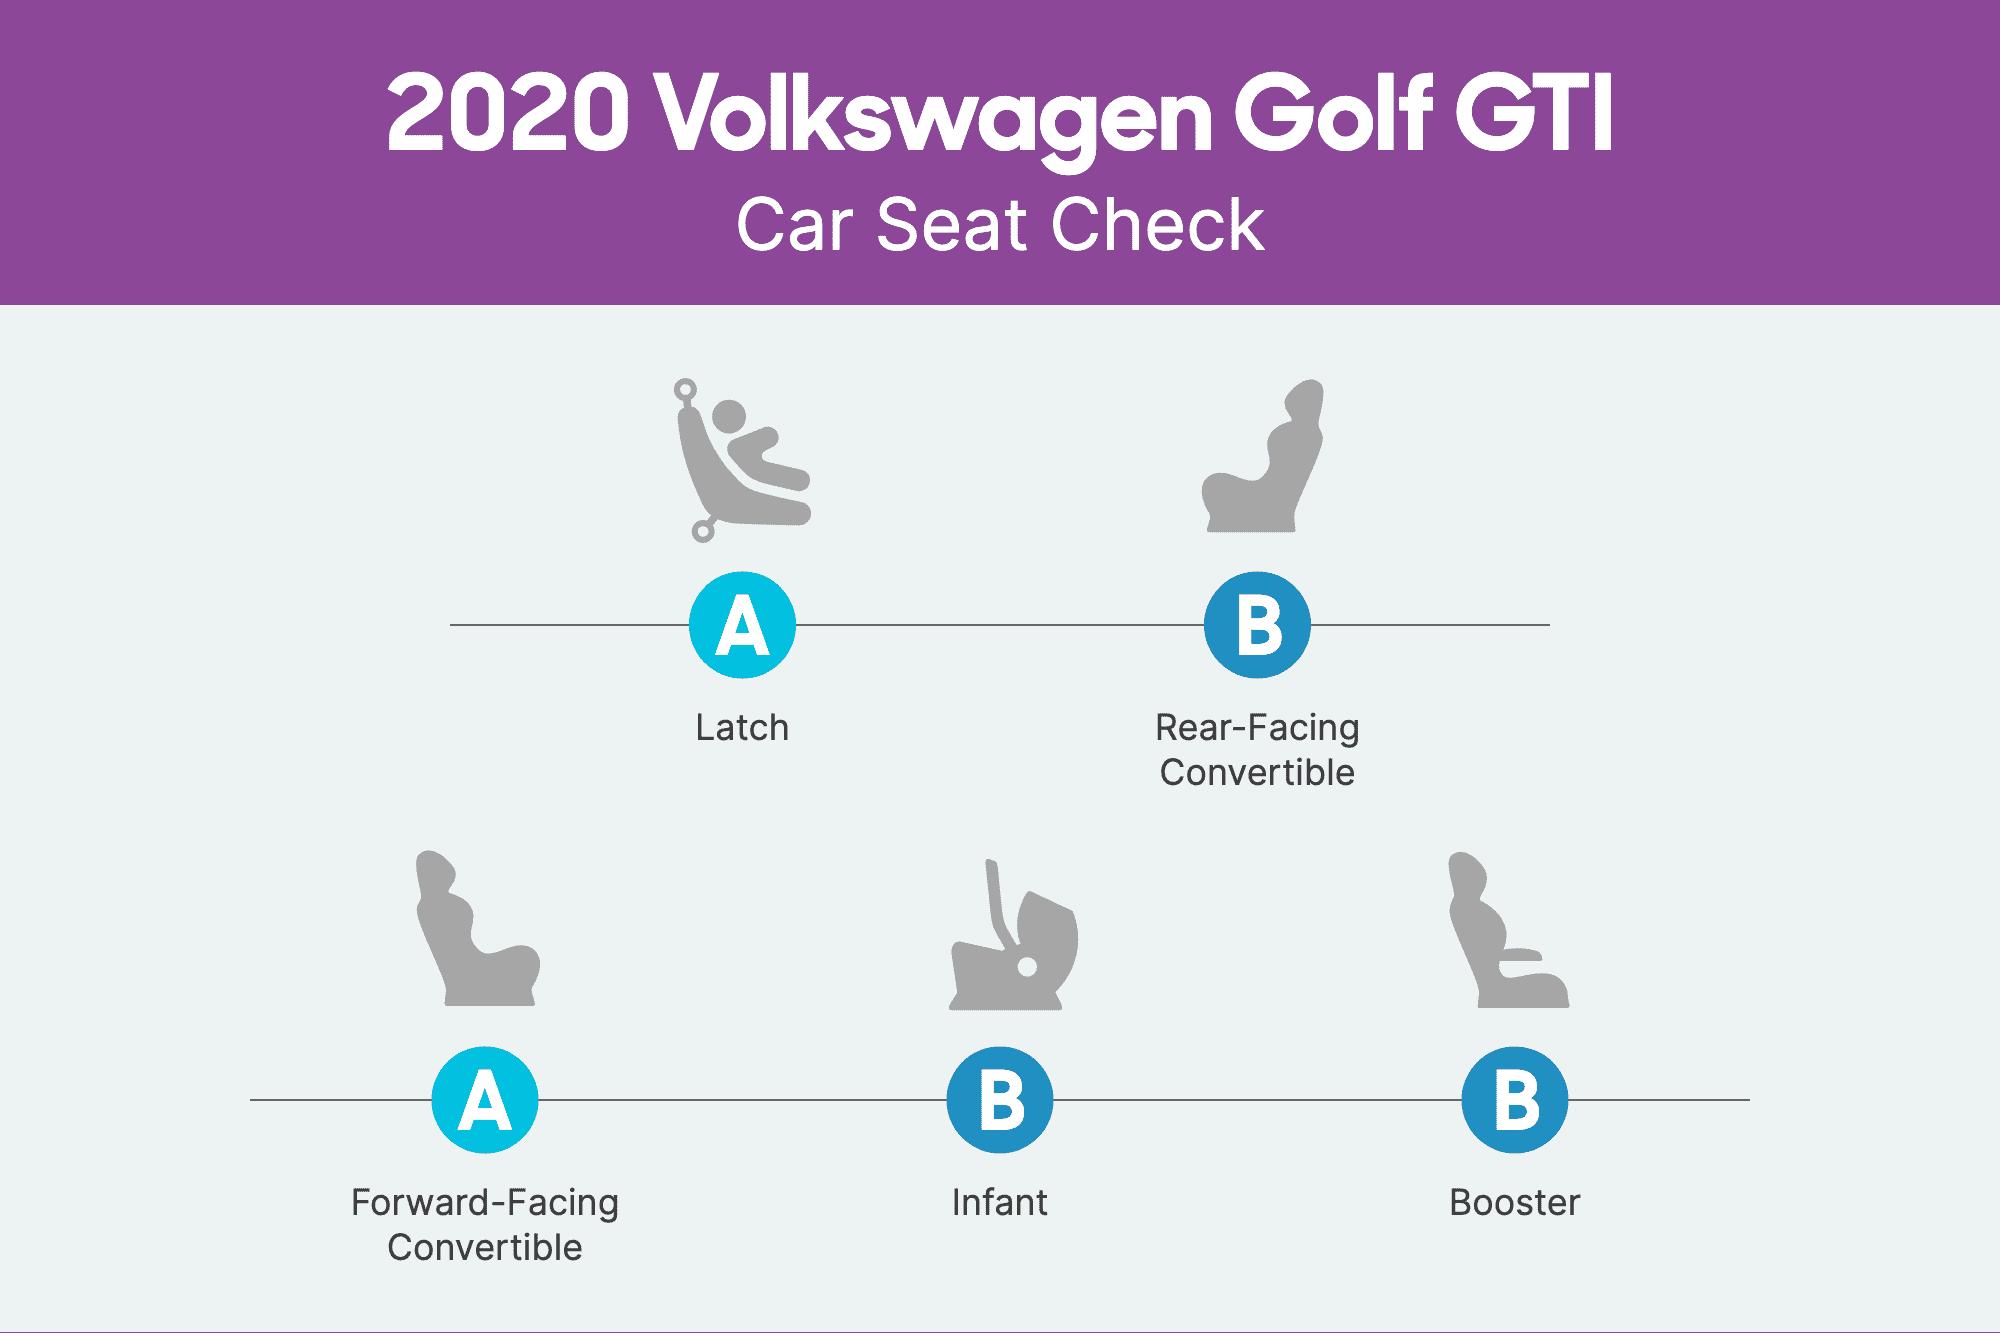 volkswagen-golf-gti-2020-csc-scorecard.png